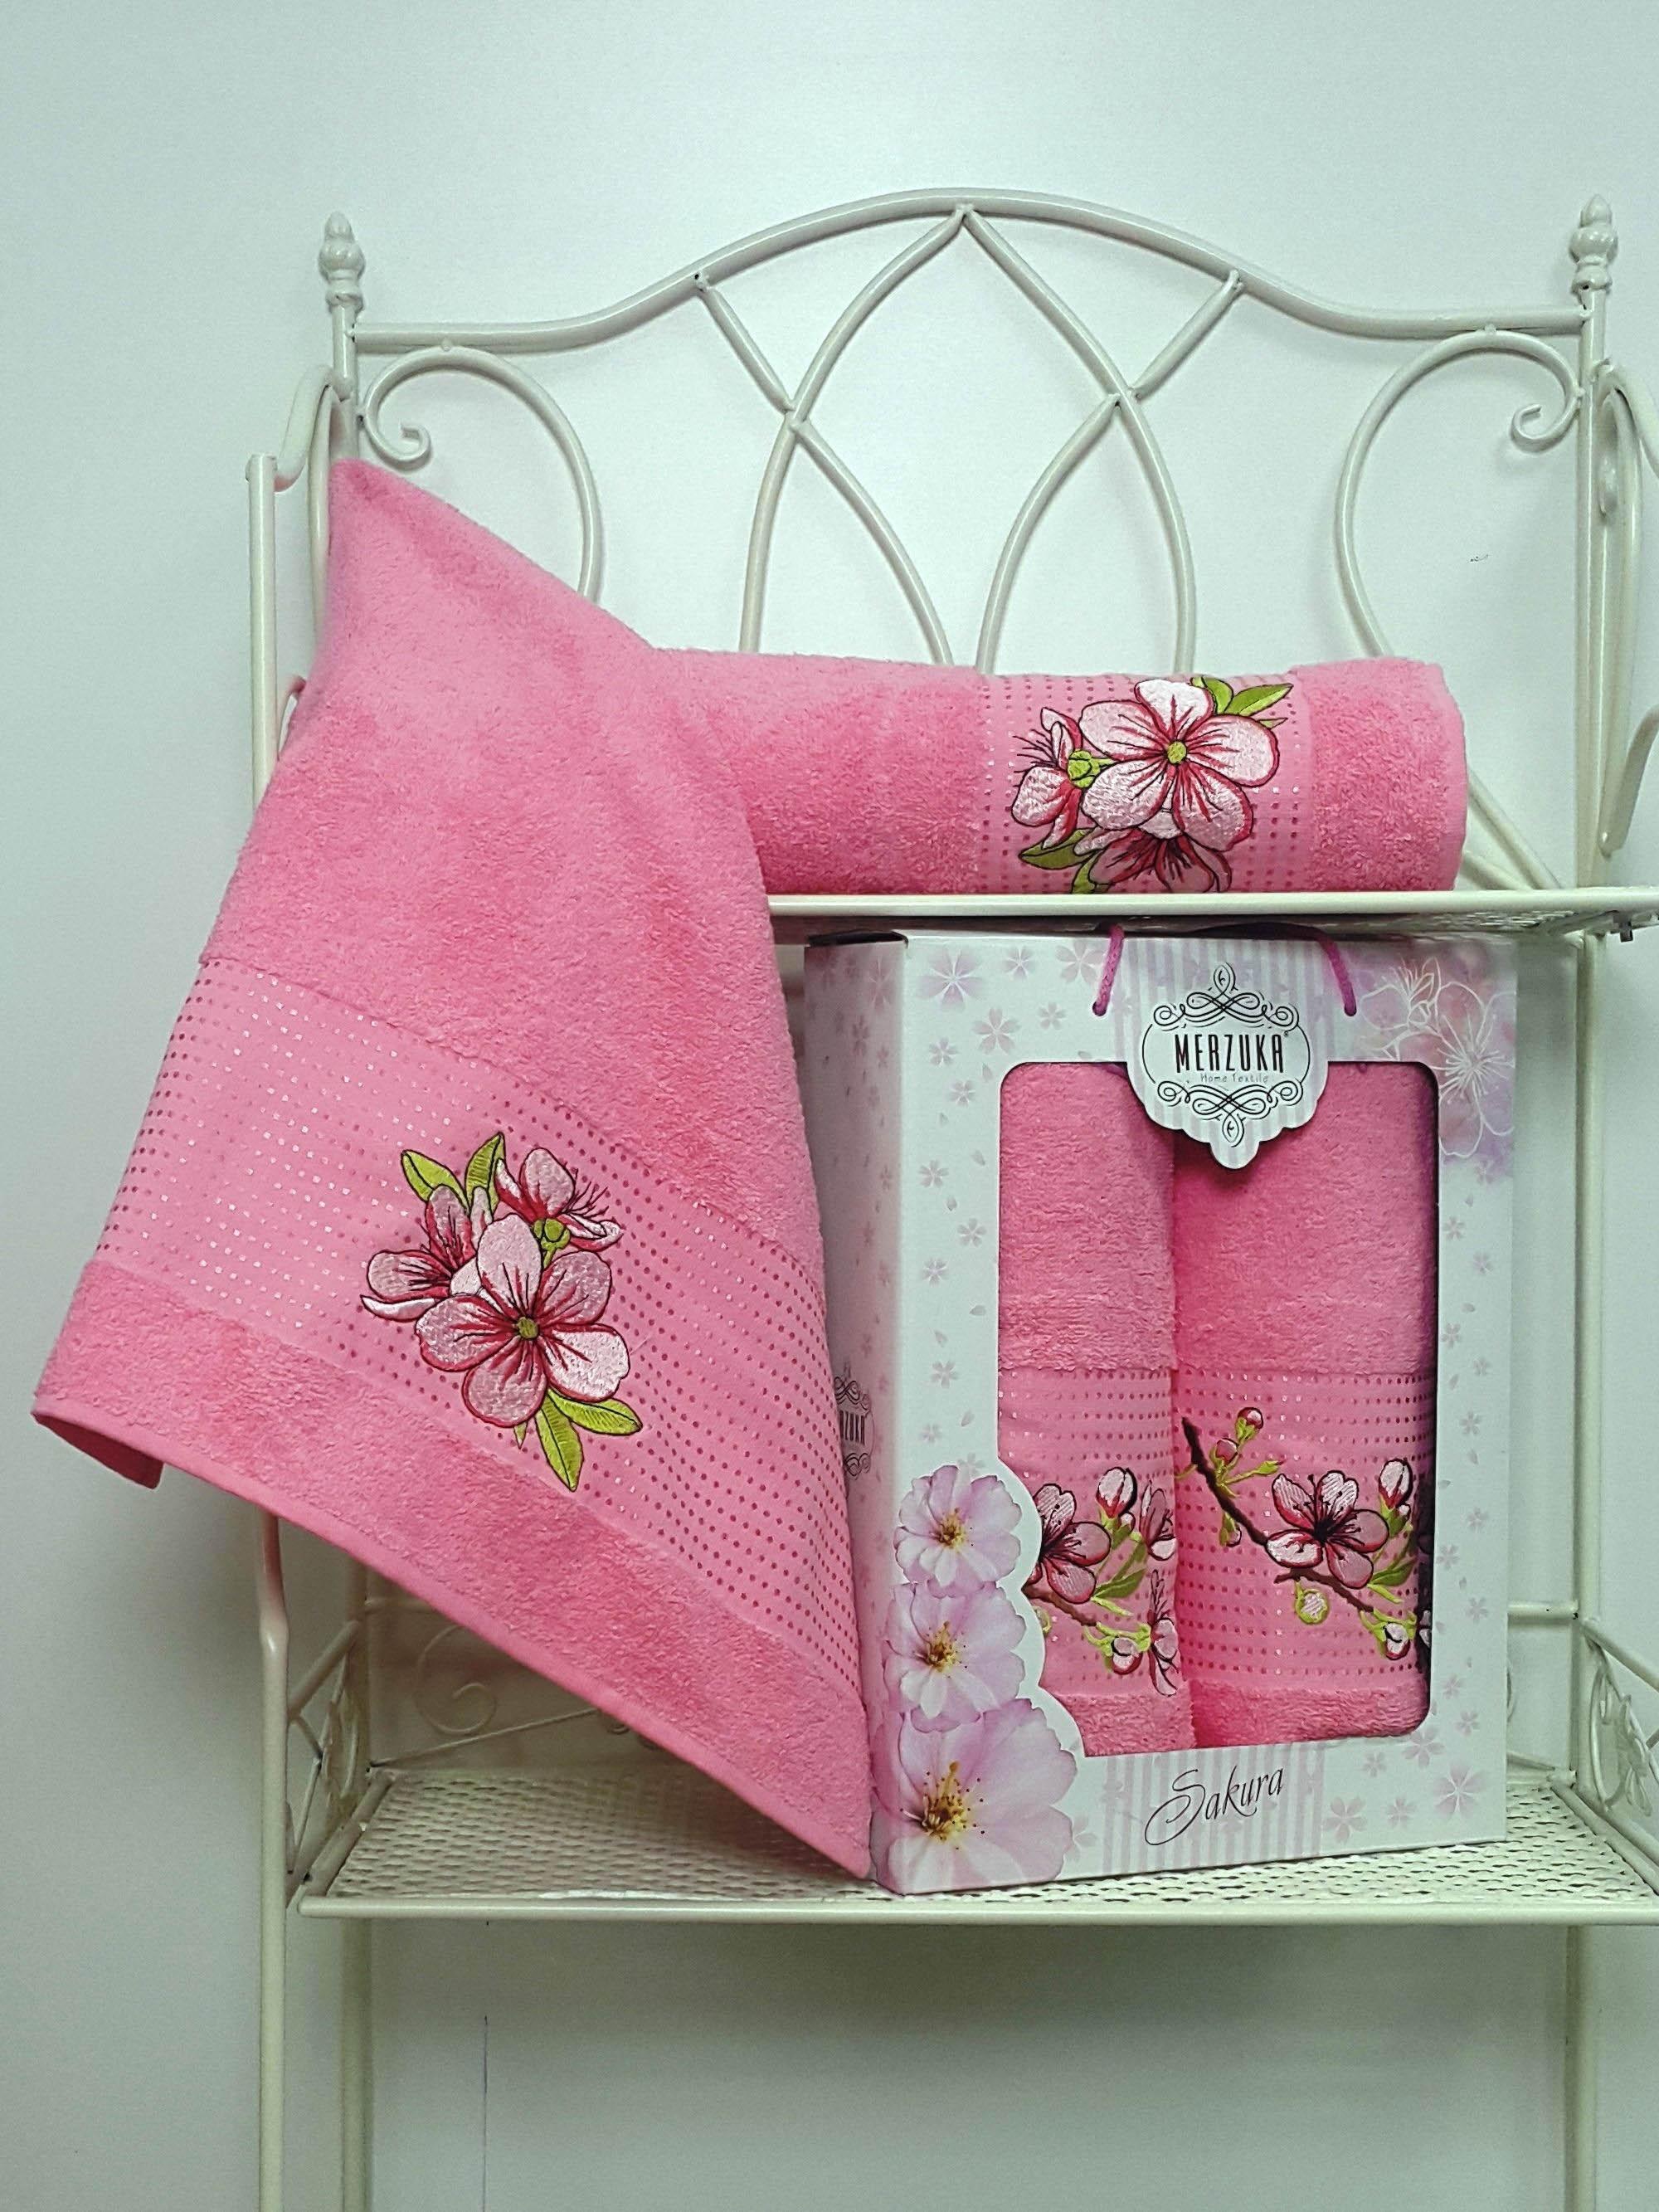 Полотенца Oran Merzuka Полотенце Sakura Цвет: Розовый (Набор) набор из 3 полотенец merzuka sakura 50х90 2 70х140 8432 розовый